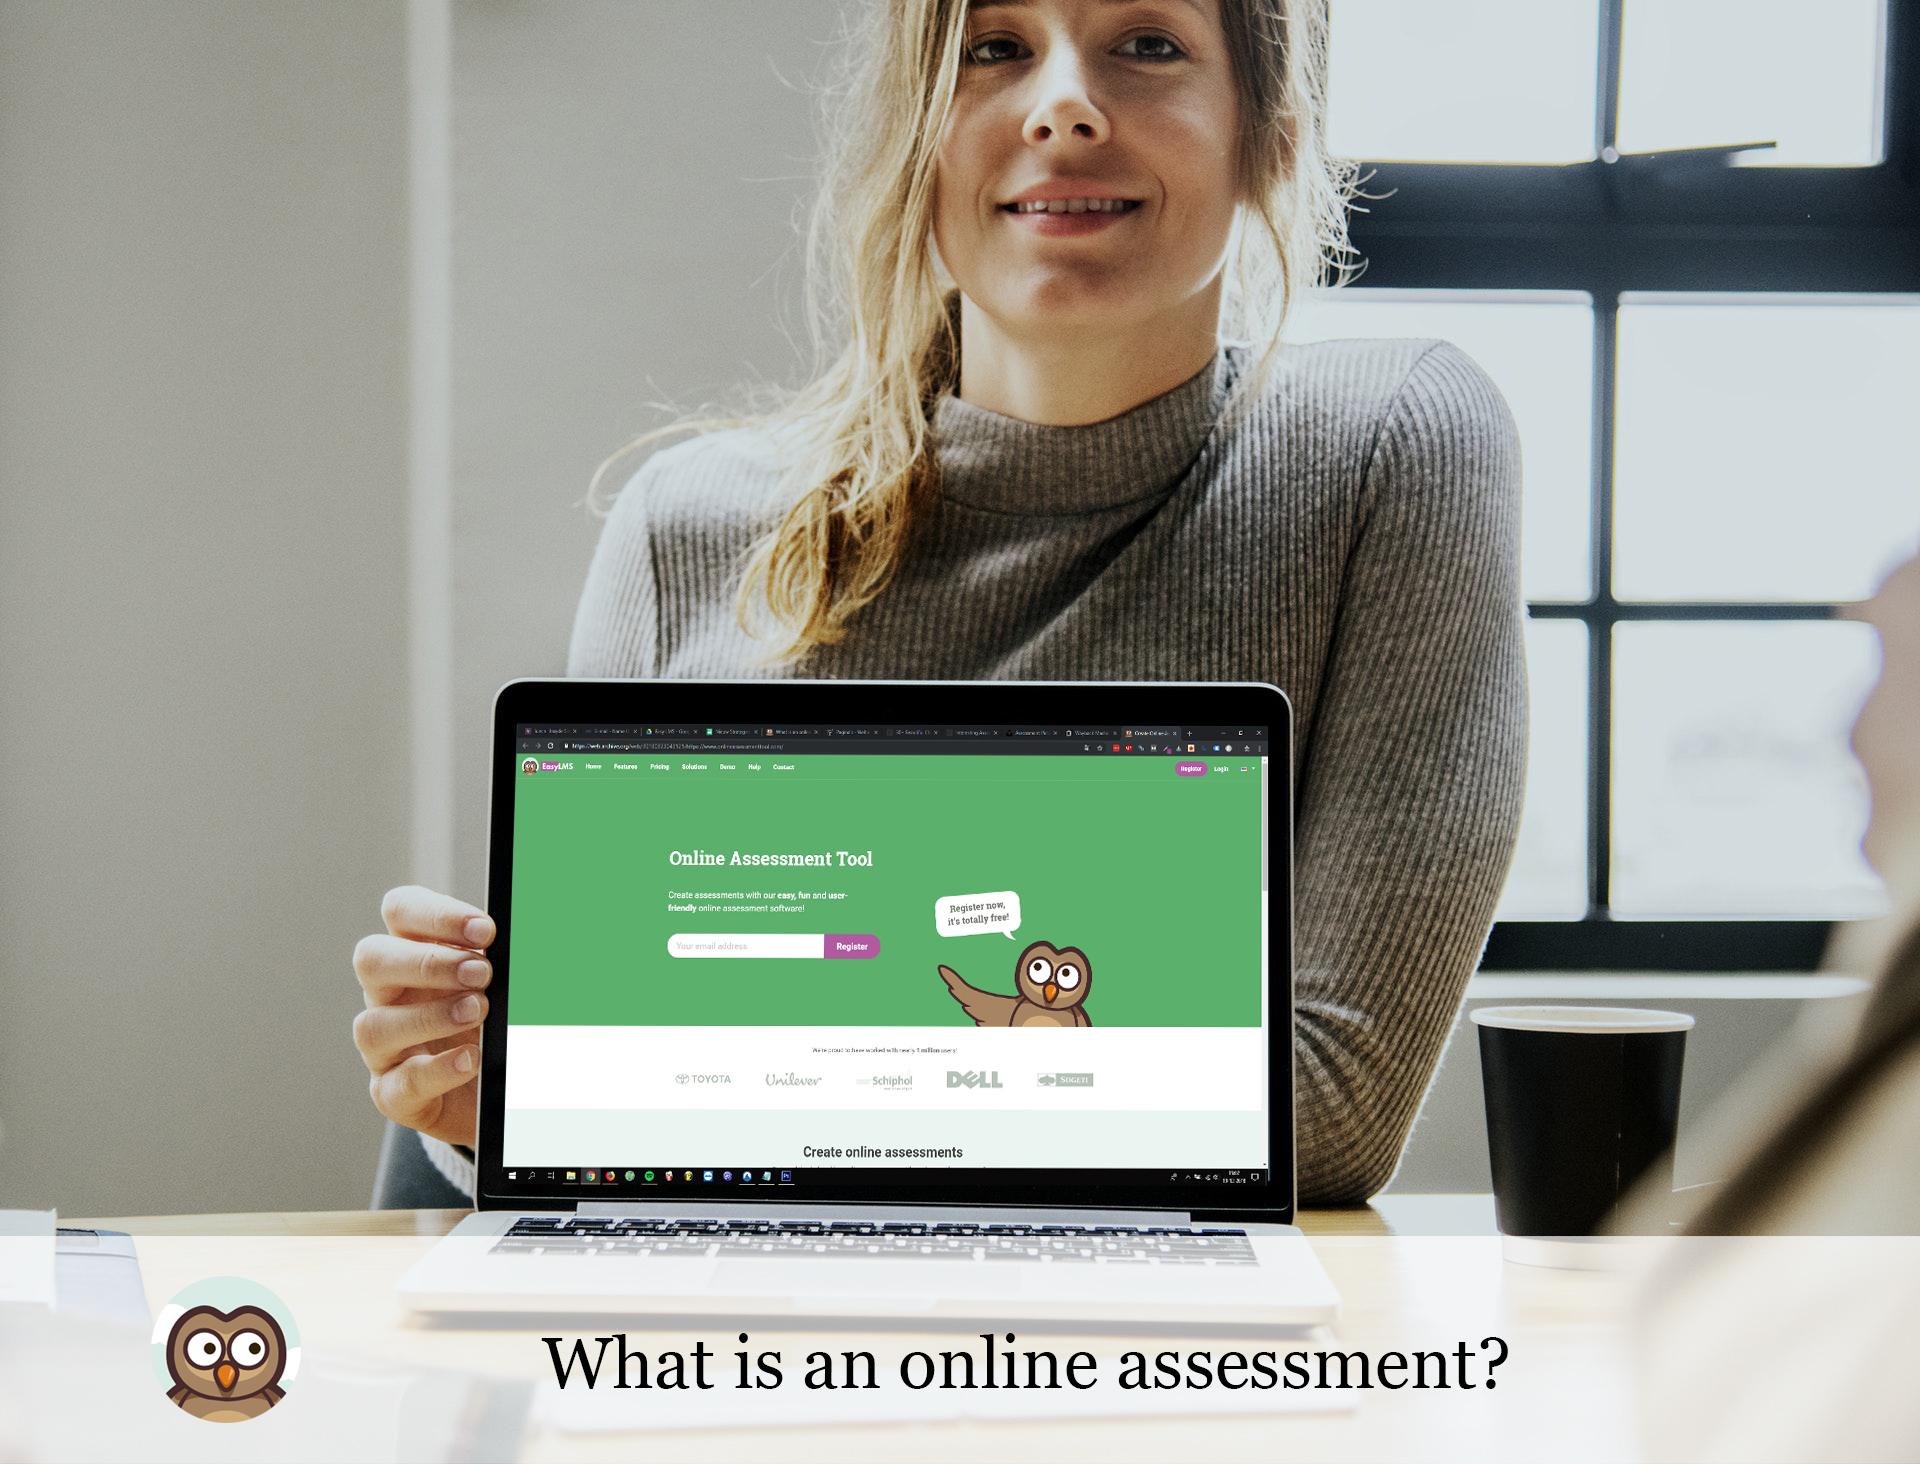 La Credenza Definizione : Cos è una valutazione online definizione e significato